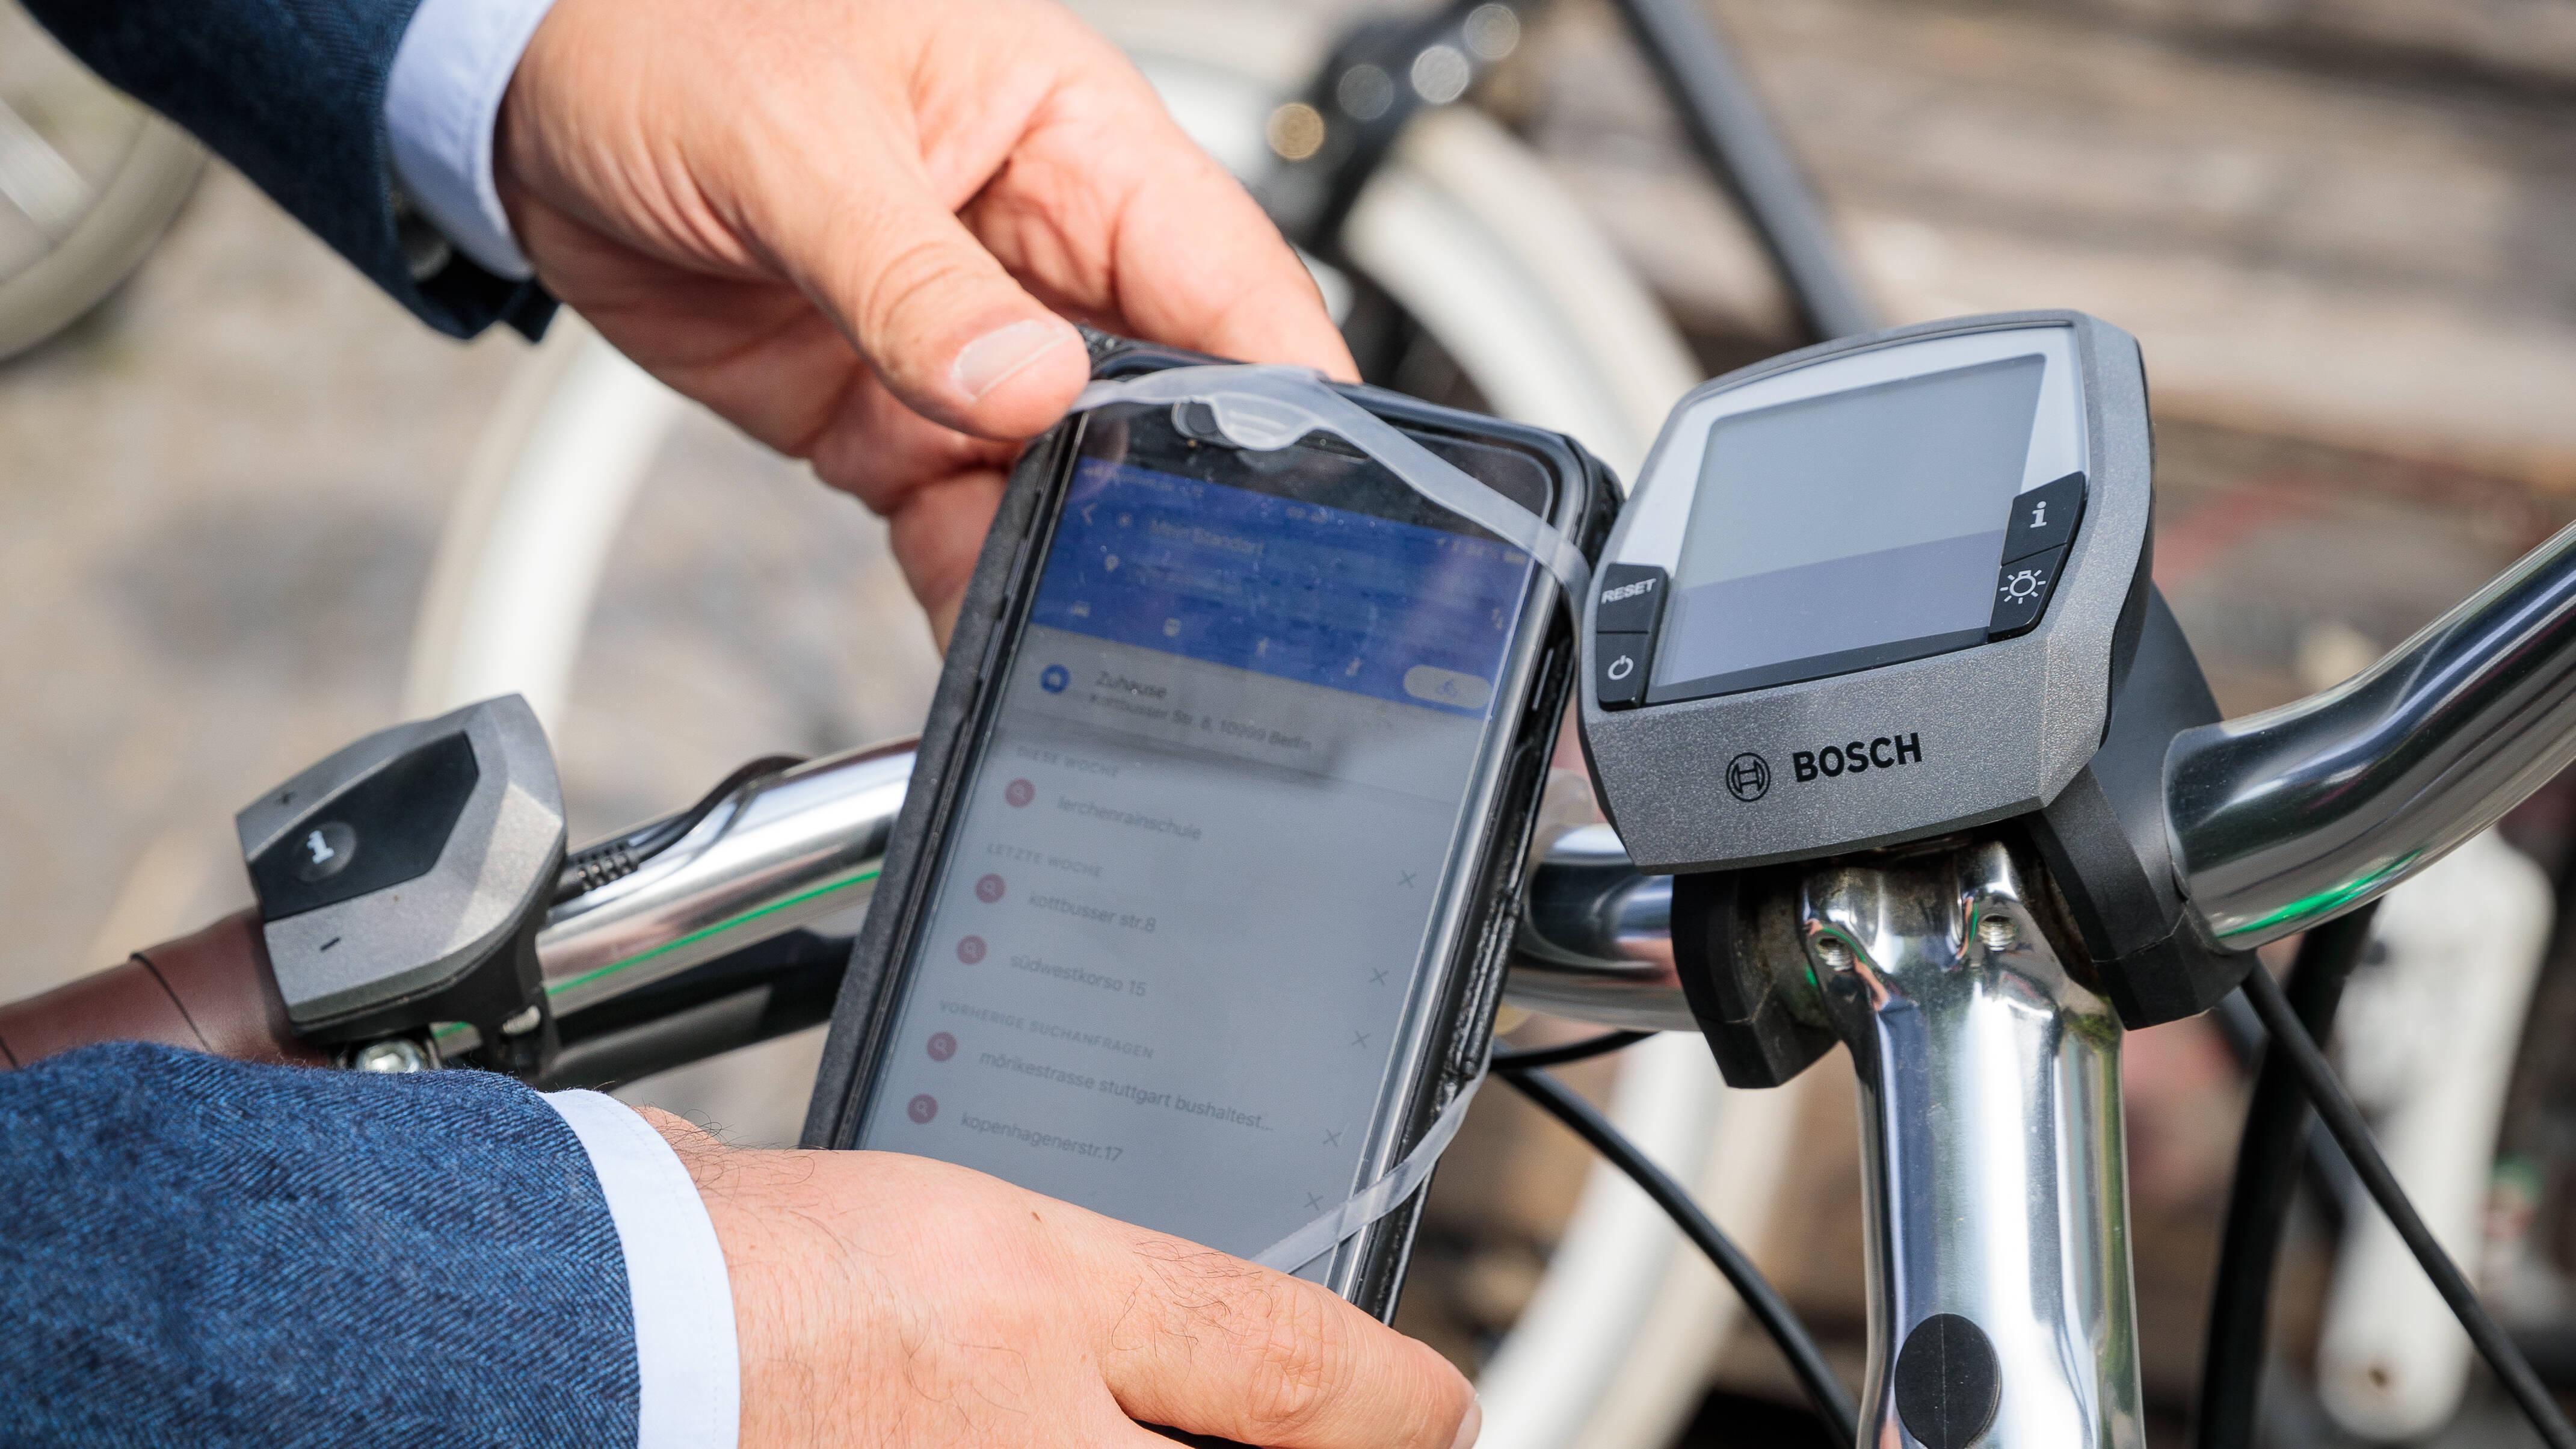 Fahrrad-Navi-App: Die 5 besten für lange Rad-Touren